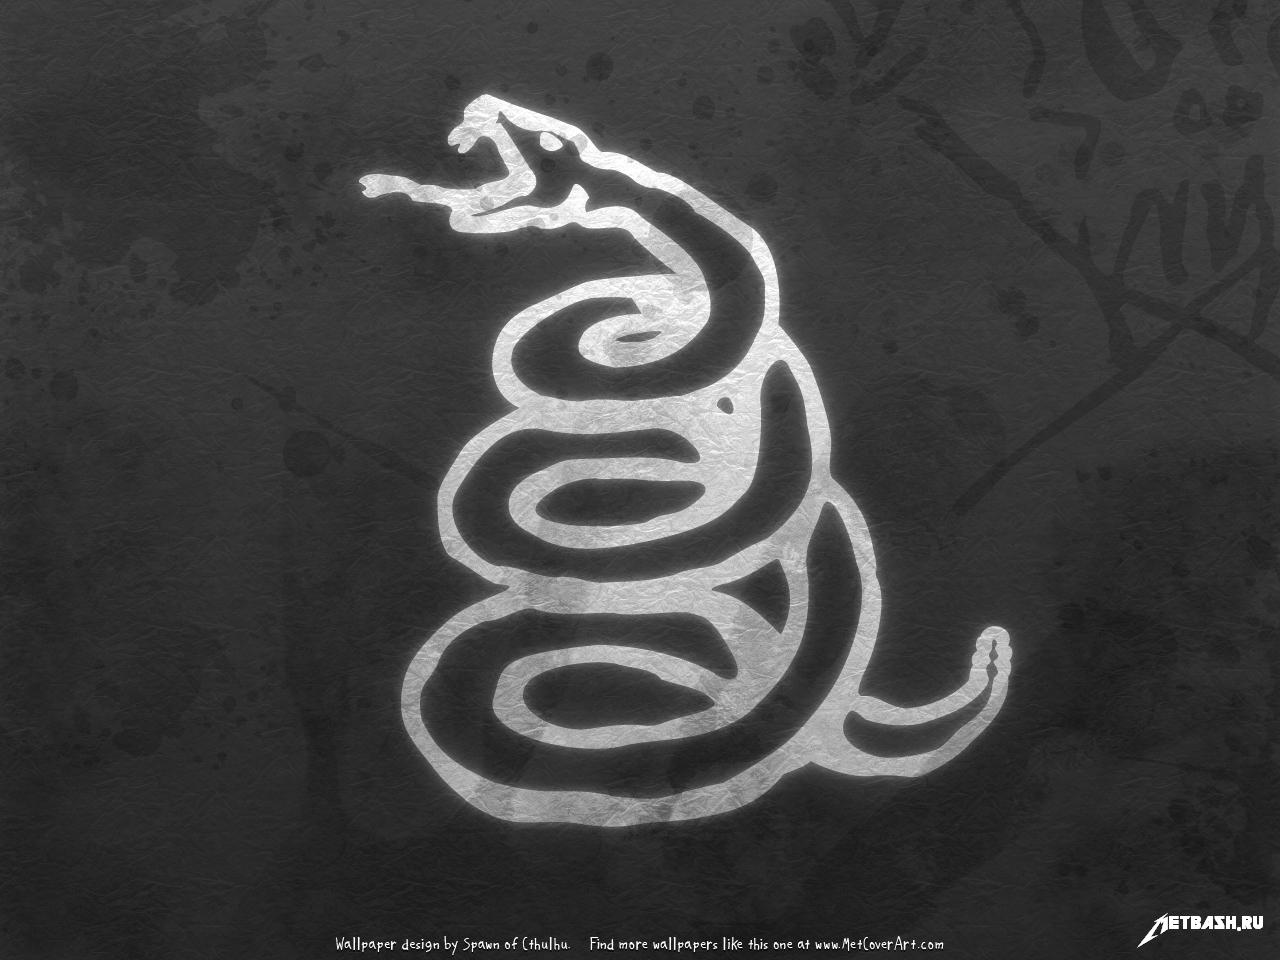 Free Download Black Album Snake 1280x960 1280x960 For Your Desktop Mobile Tablet Explore 78 Metallica Black Album Wallpaper James Hetfield Wallpaper Metallica Logo Wallpaper Metallica Wallpapers Hd